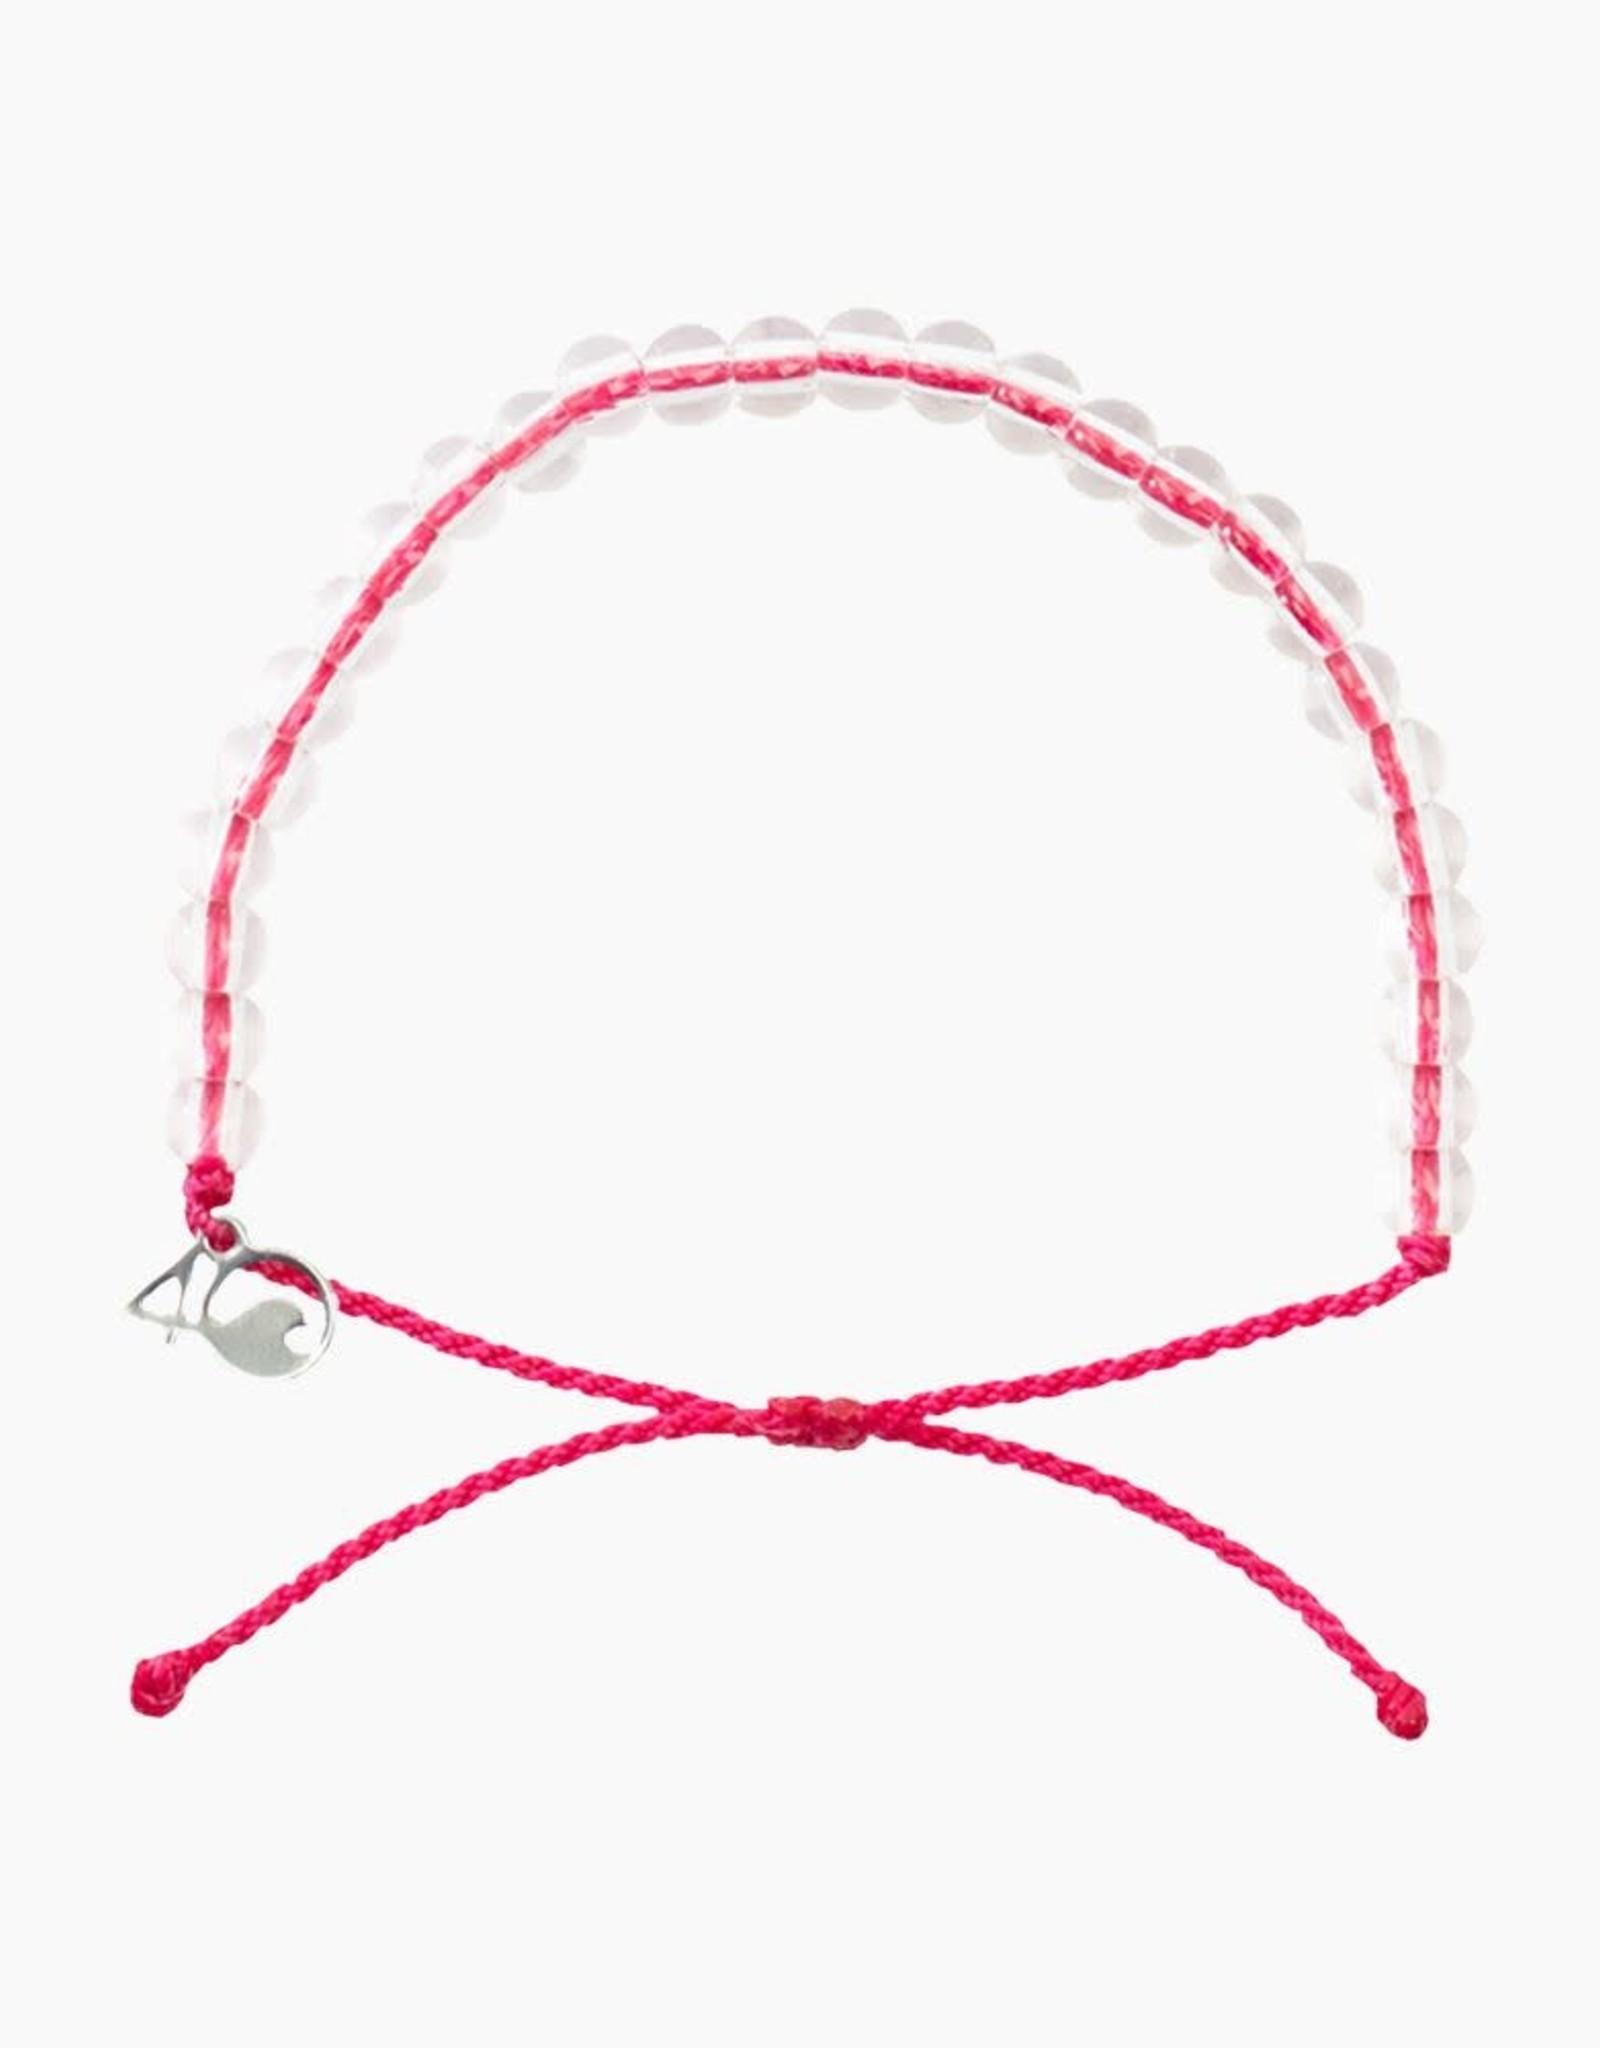 4Ocean 4Ocean, Limited Edition, Flamingo